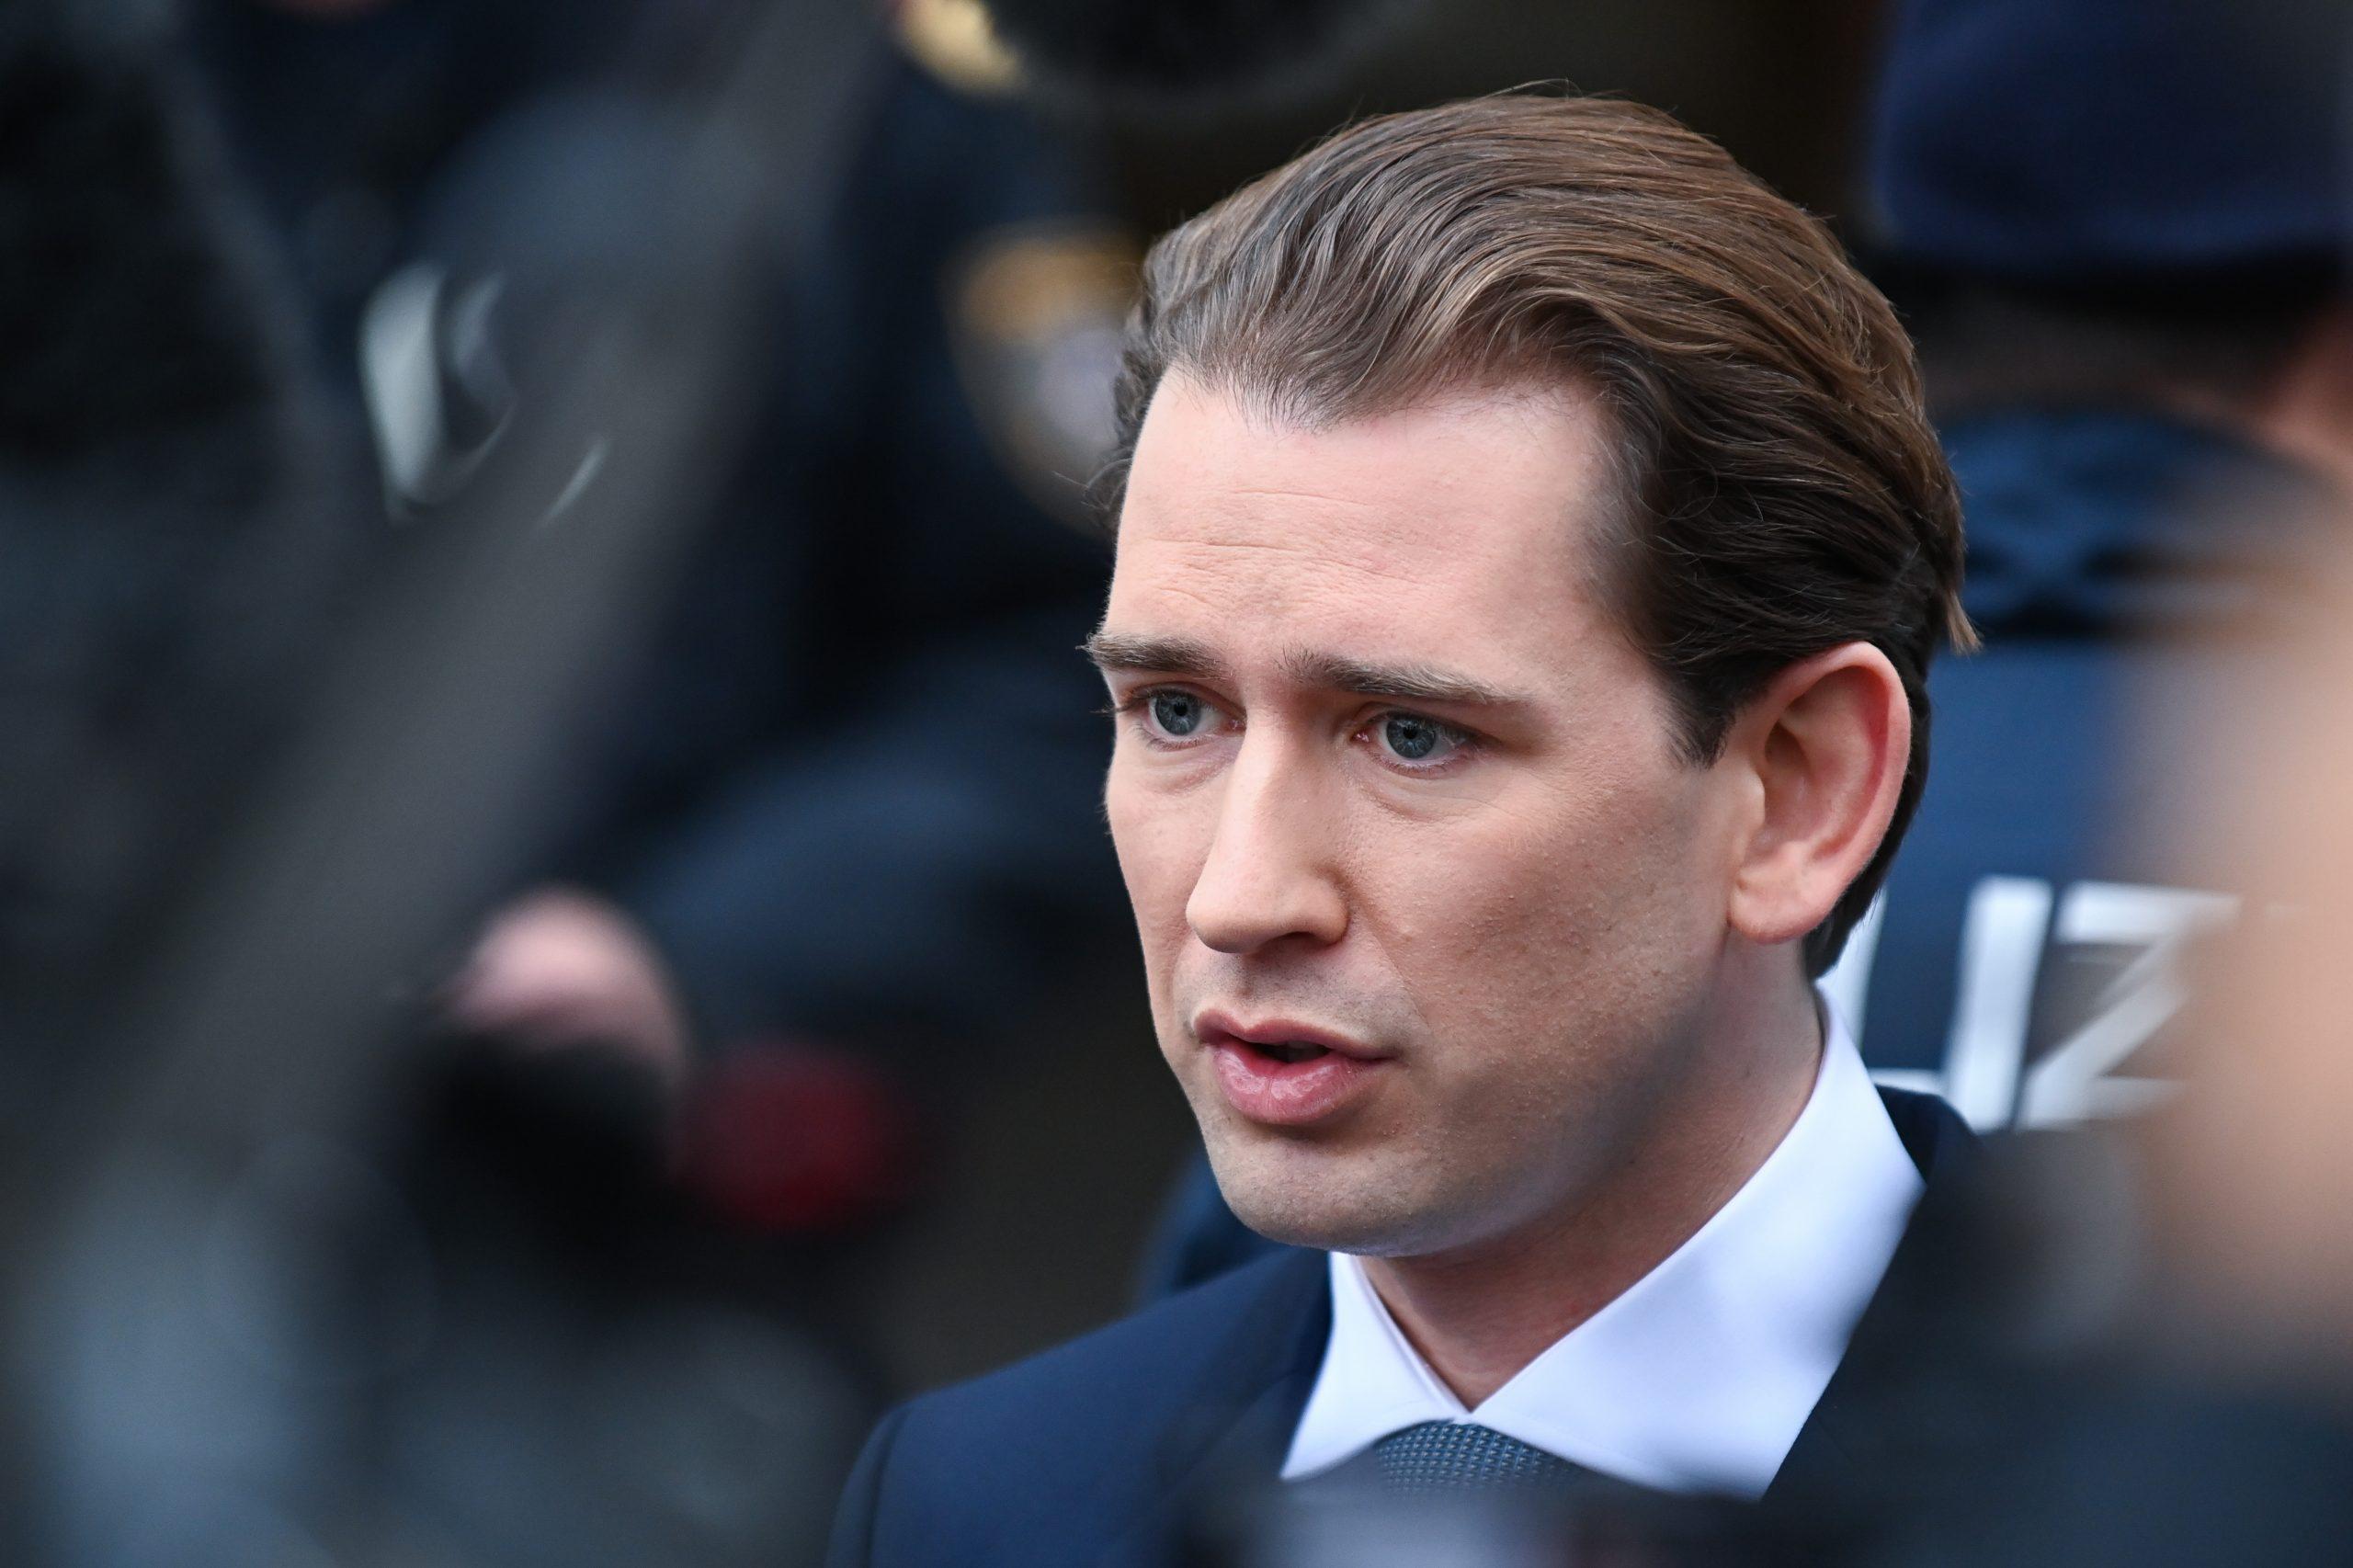 Österreich: VdB erklärt Krise für beendet – SPÖ-Chefin die große Verliererin?